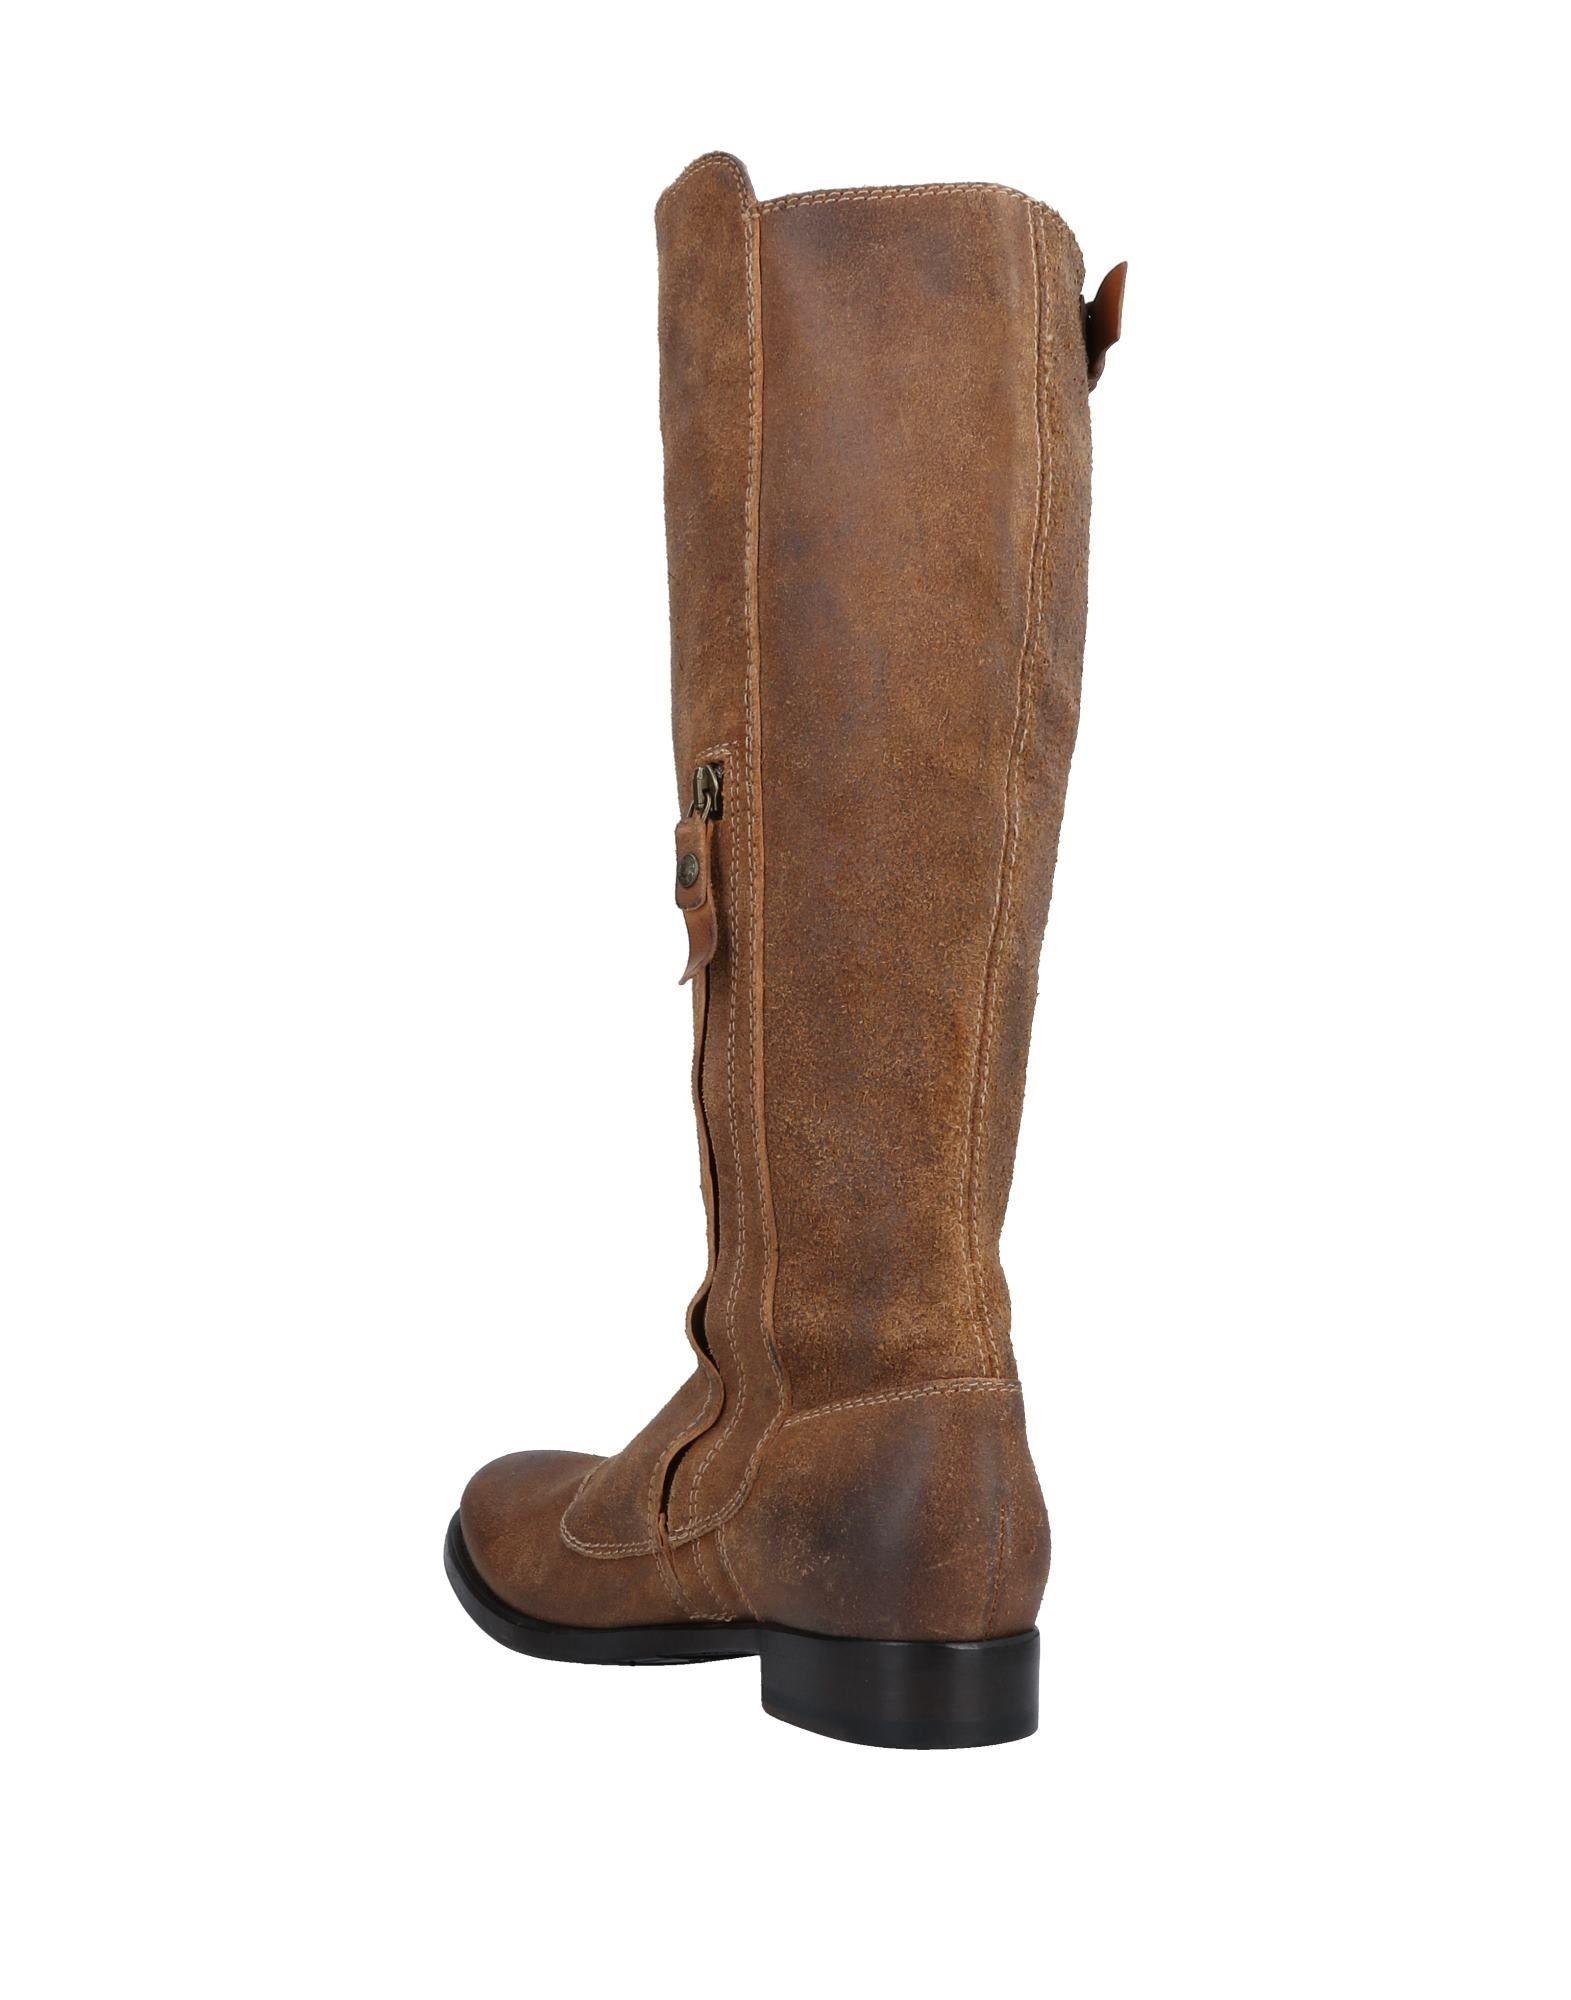 Buttero® Boots Boots Boots - Women Buttero® Boots online on  United Kingdom - 11556162EA 126e8f